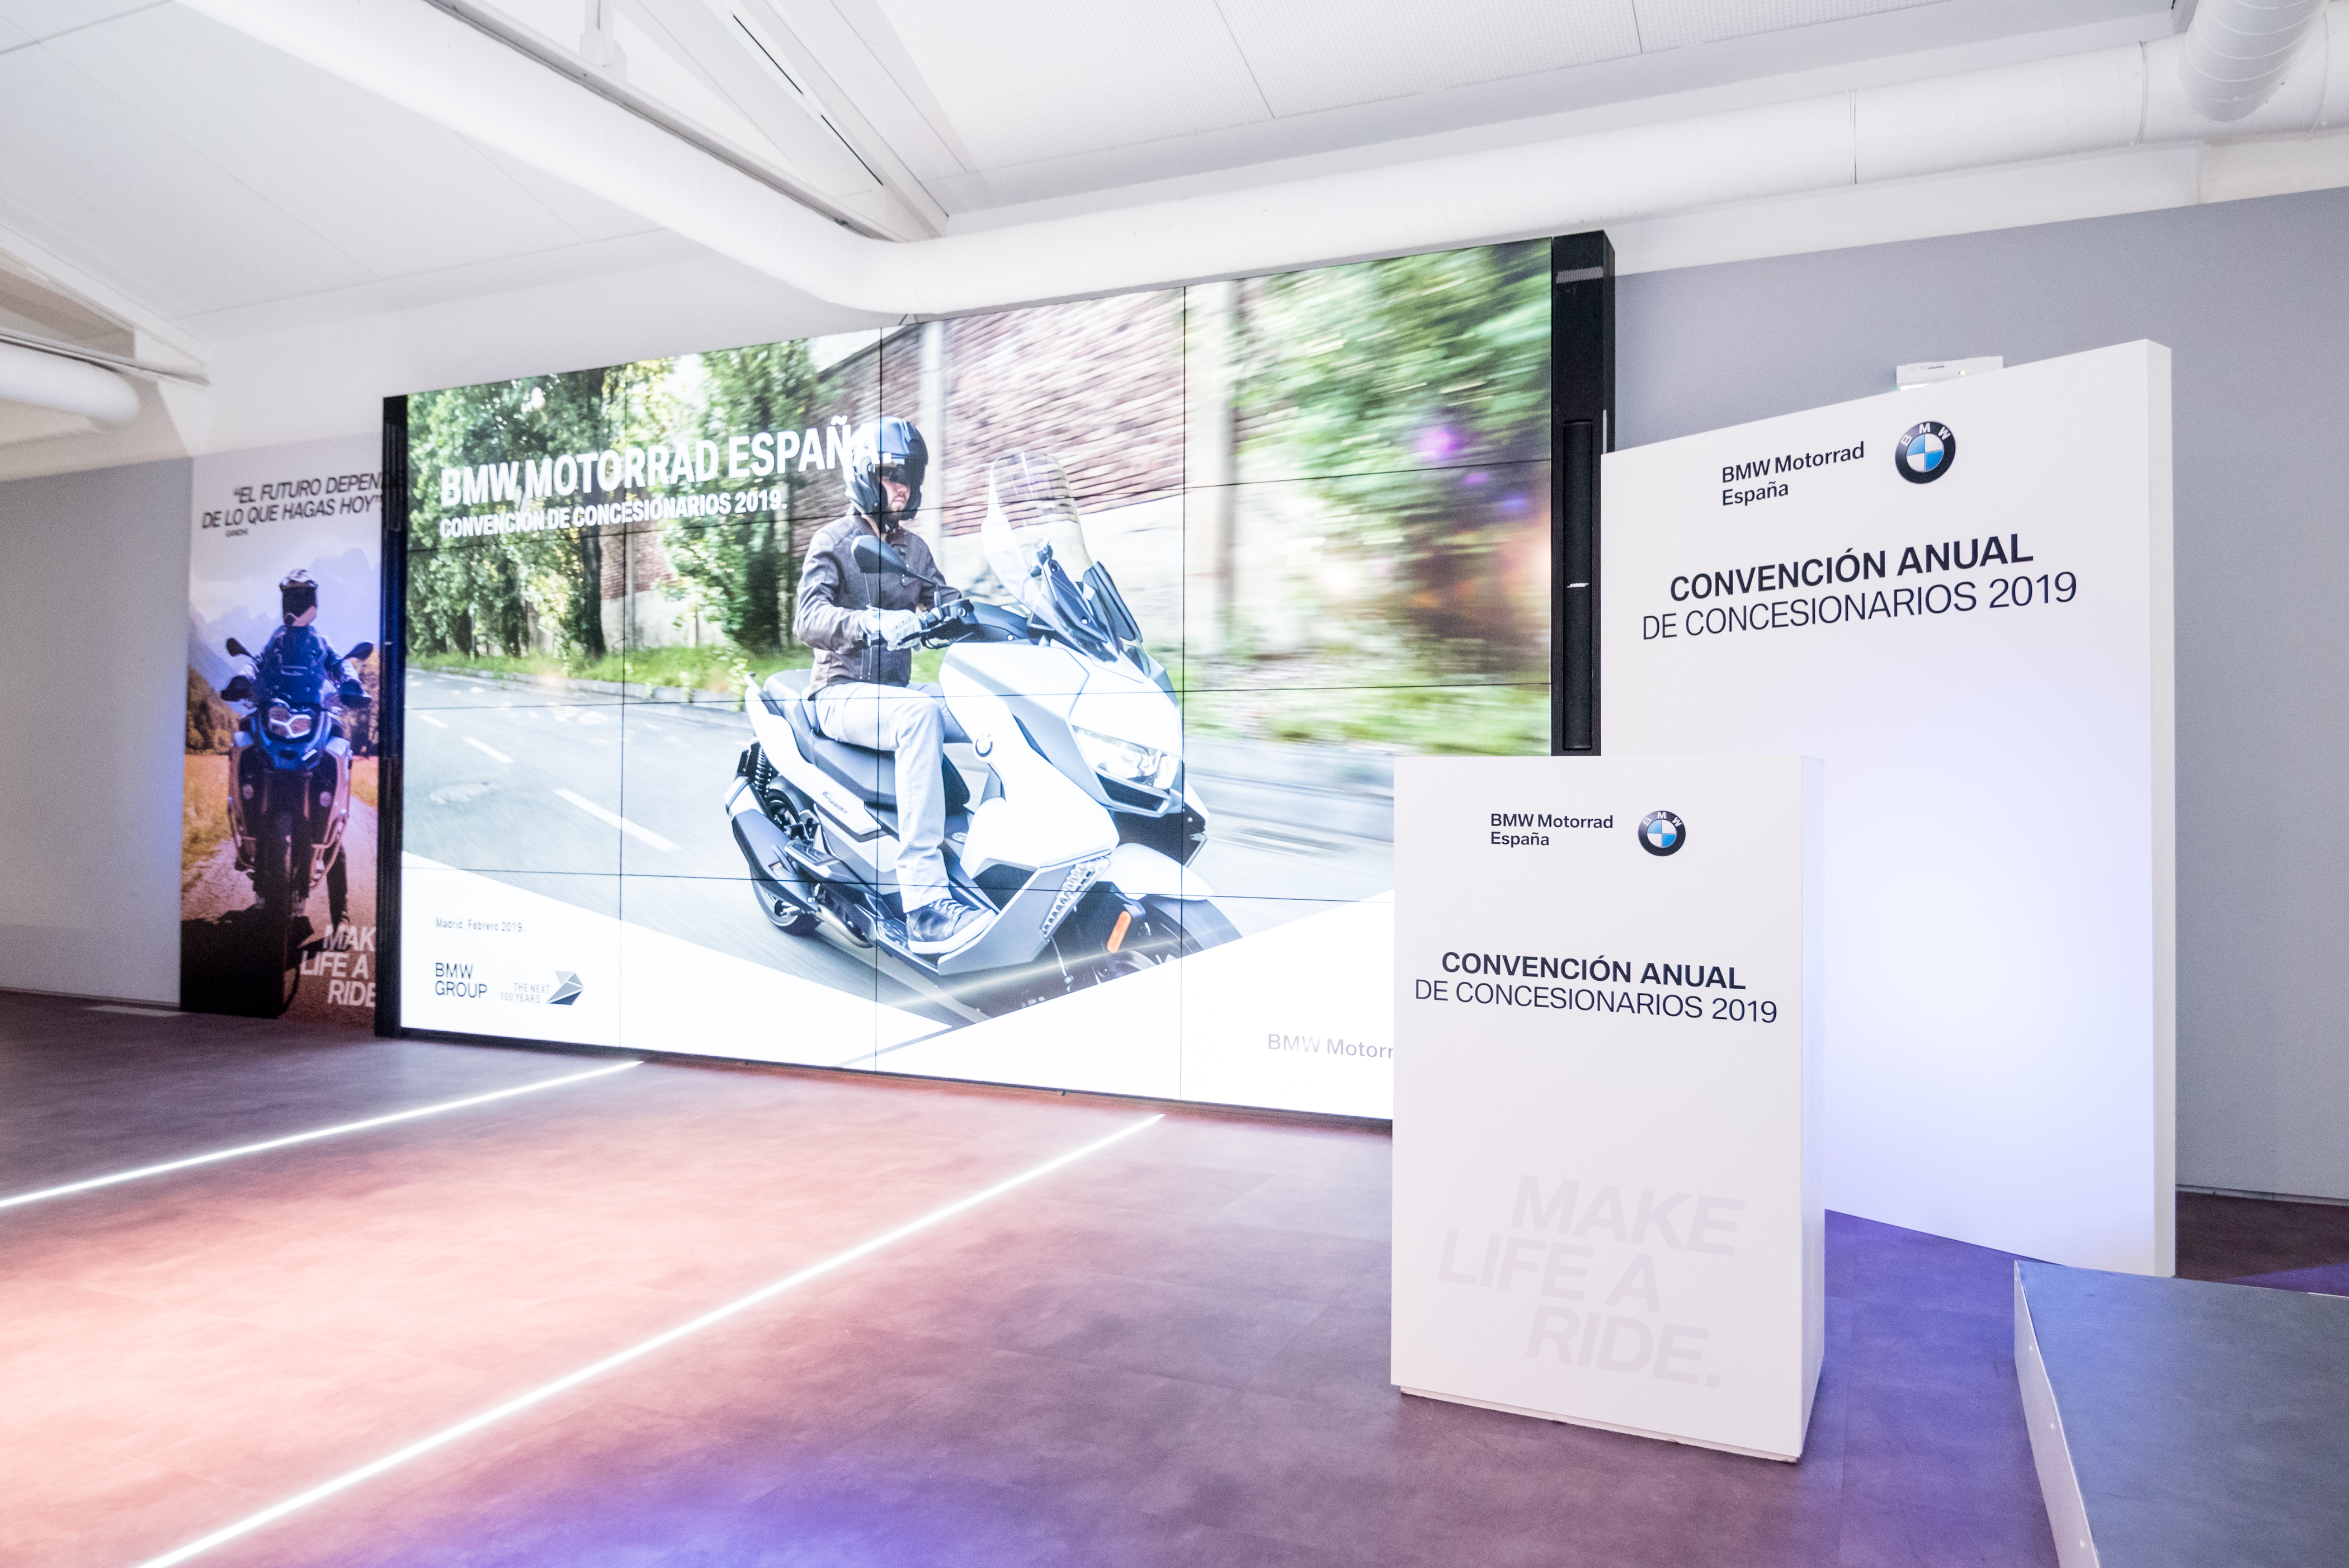 CONVENCIÓN GERENTES BMW MOTORRAD_CALEYDOS